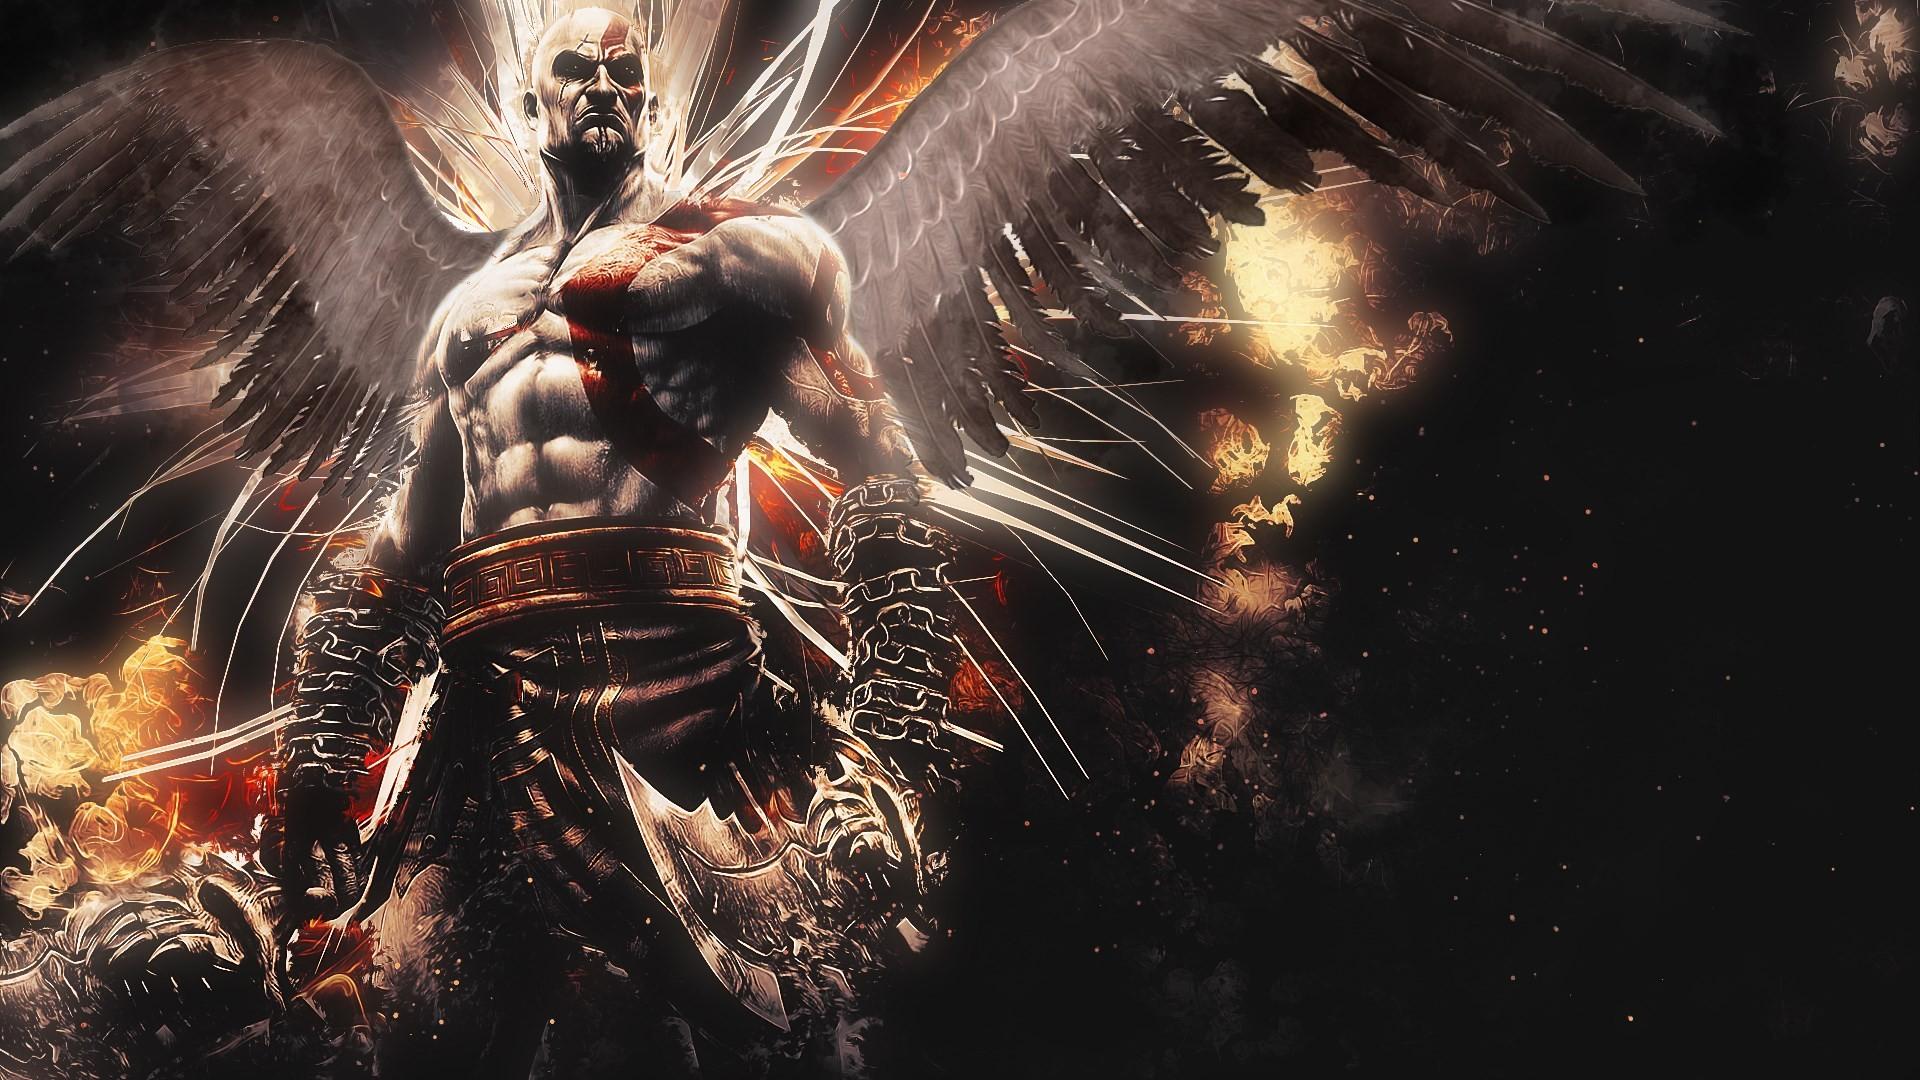 kratos cool game wallpaper